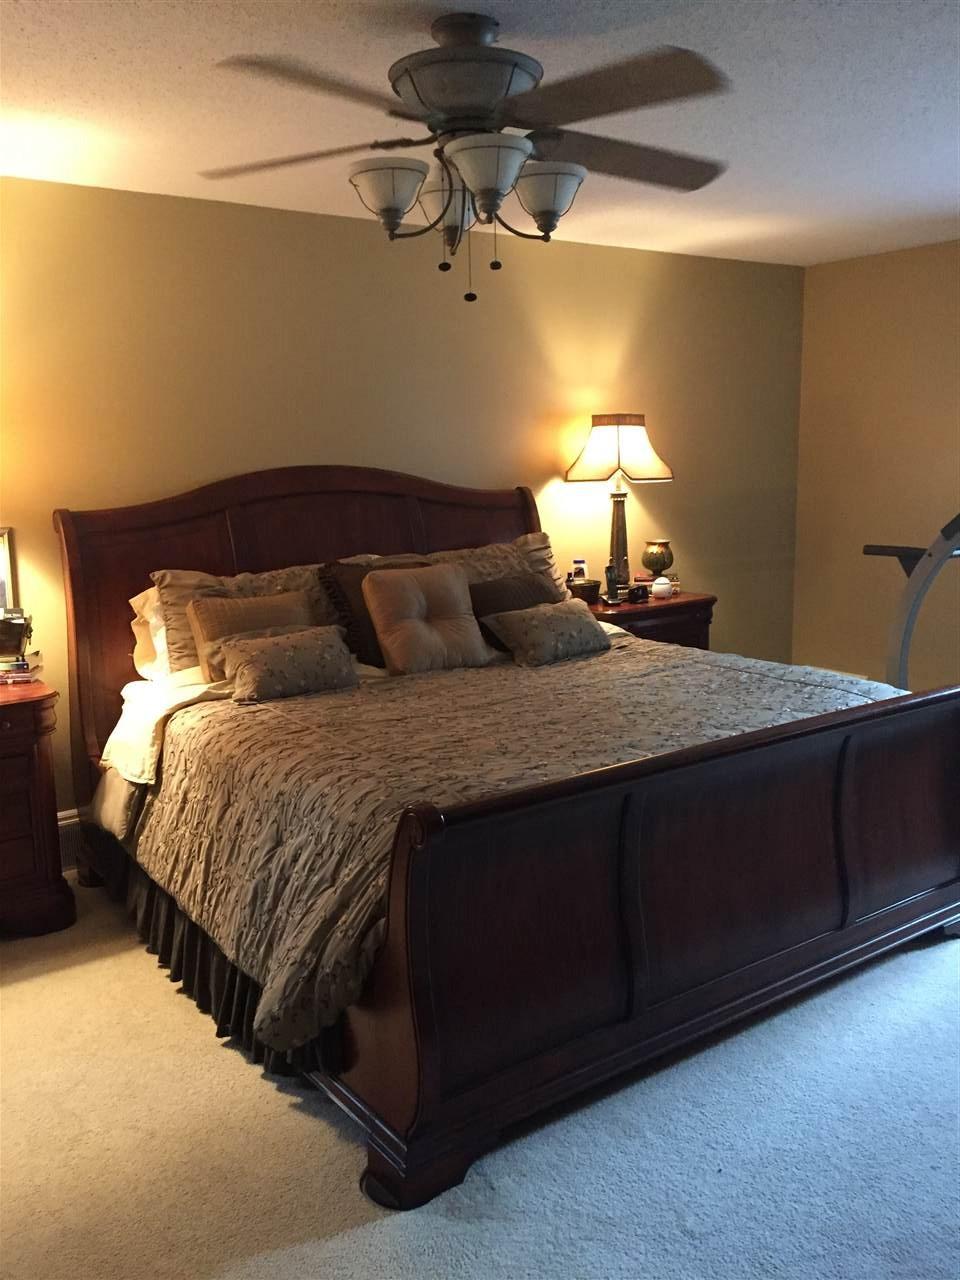 7691 N Mchenry Germantown, TN 38138 - MLS #: 10009382